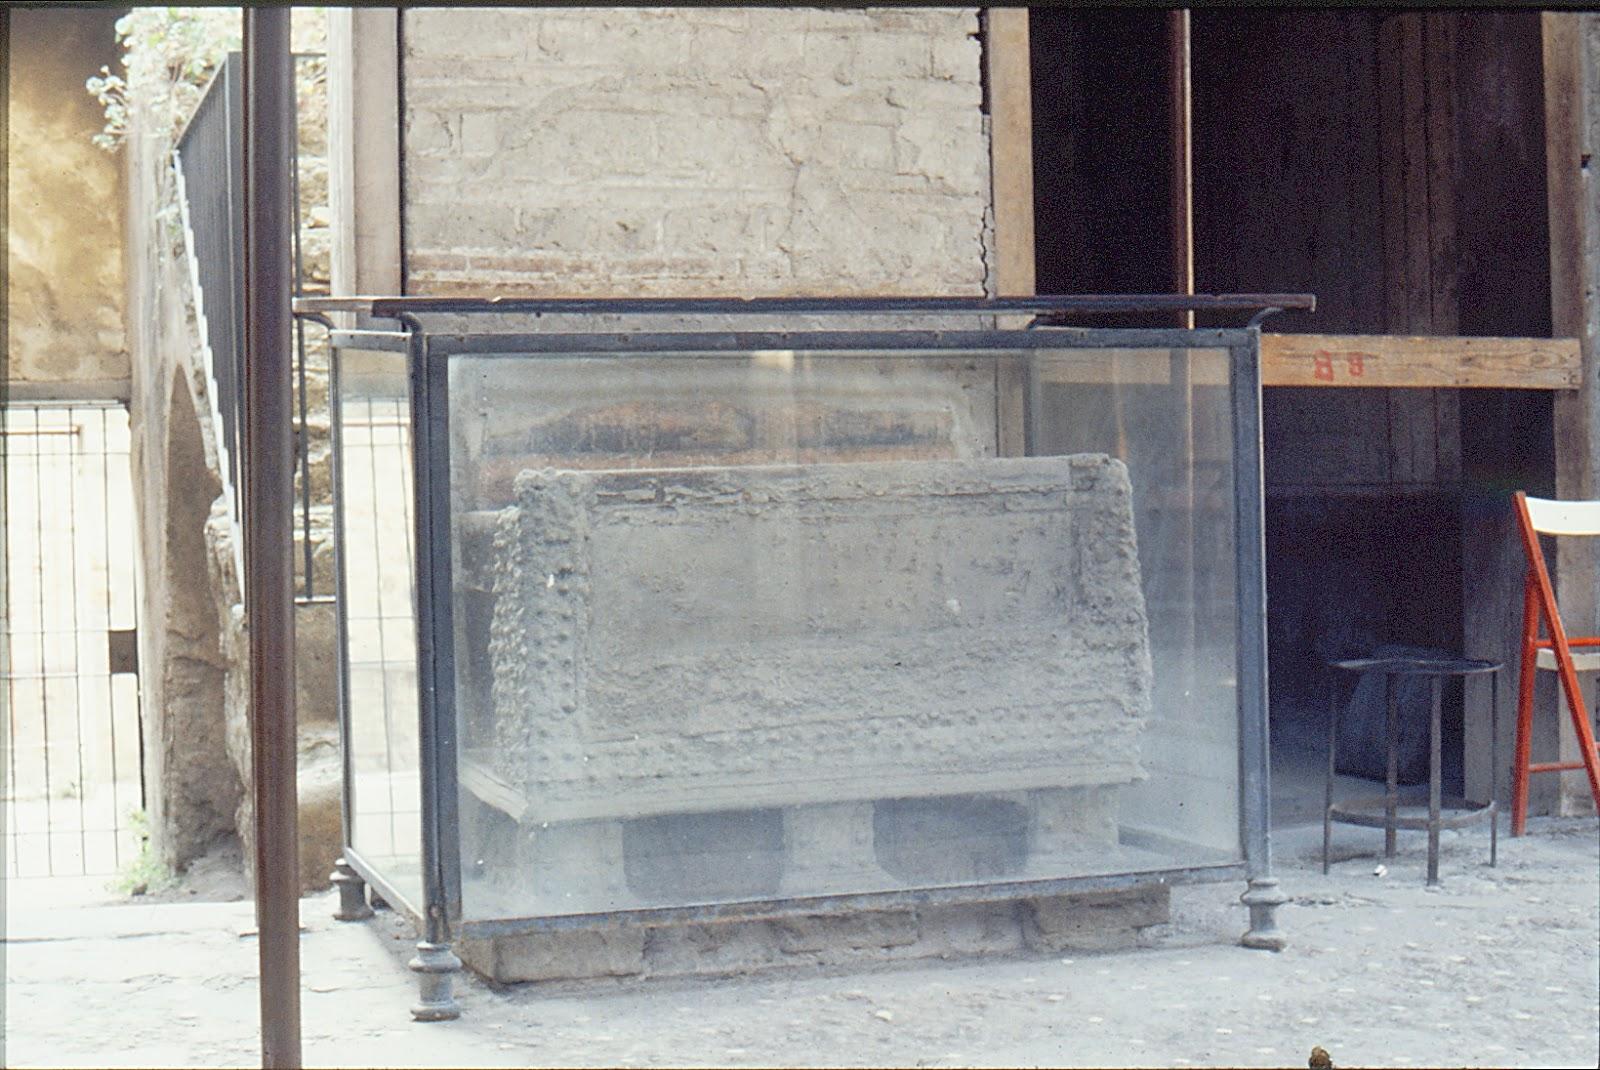 Casa de los Vetii. 3. Atrio, izquierda - Arca con laterales de bronce; había otra igual en la pared de enfrente